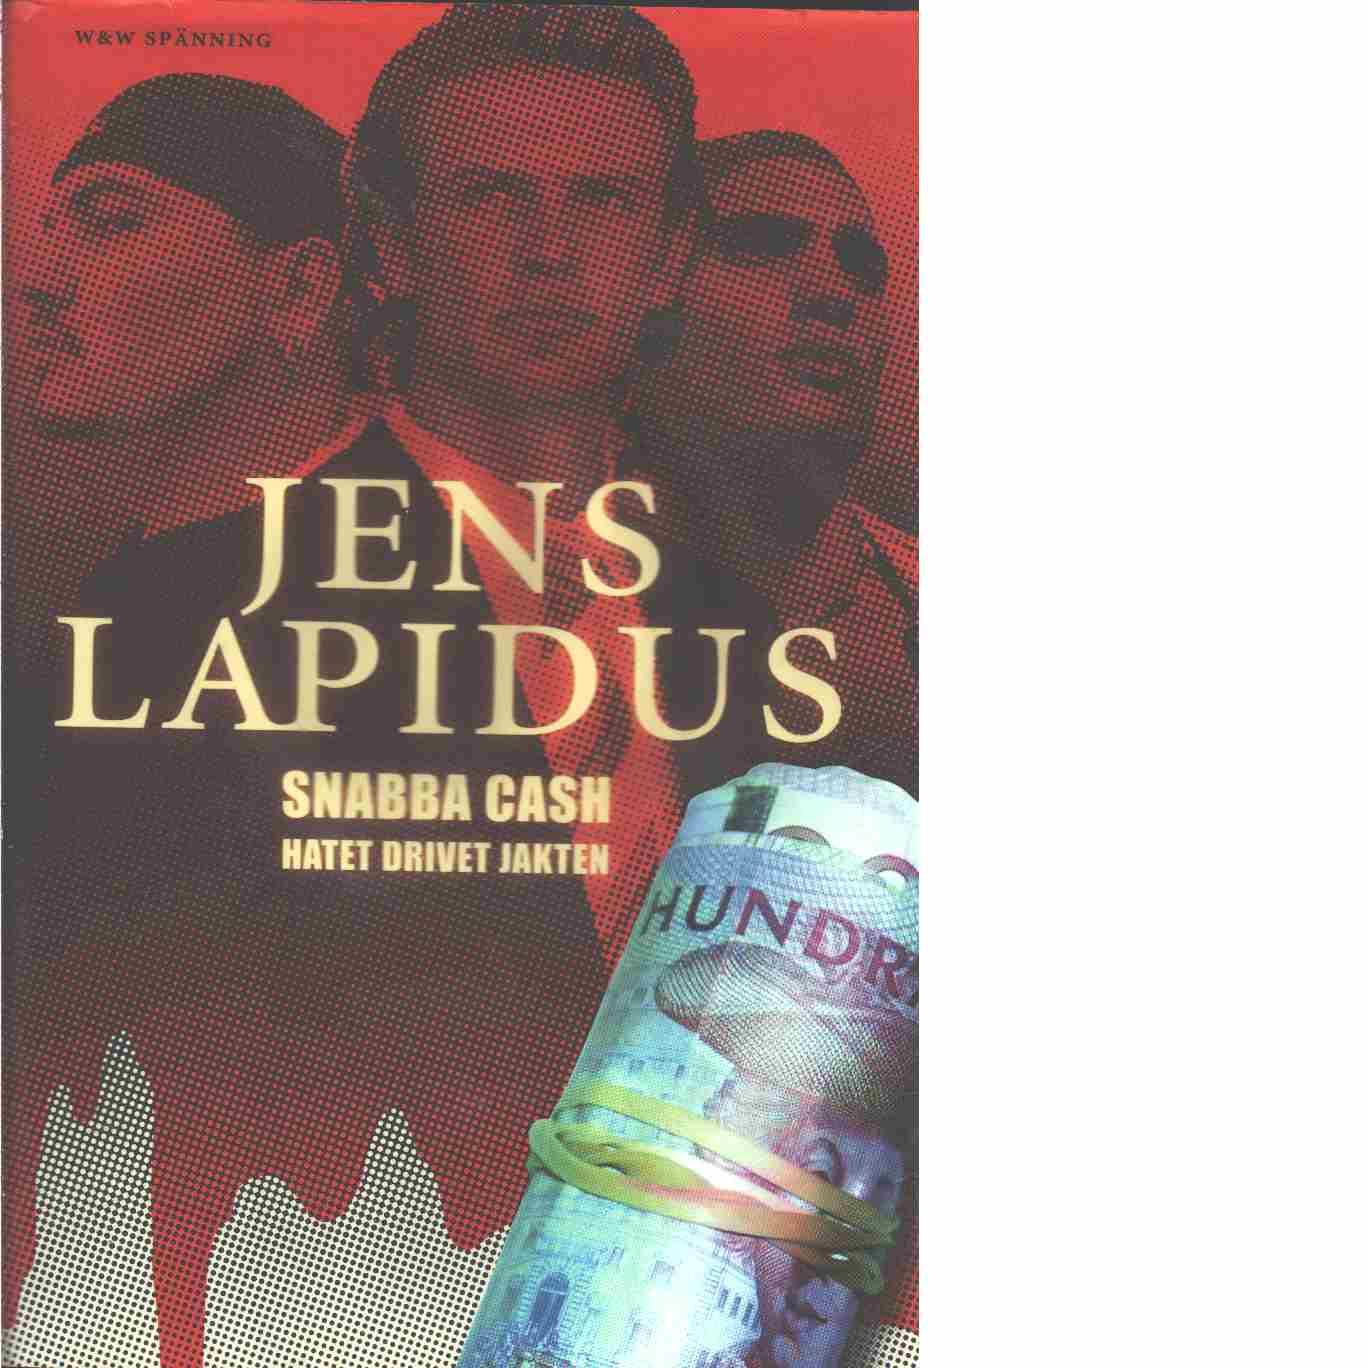 Snabba cash : hatet, drivet, jakten  - Lapidus, Jens